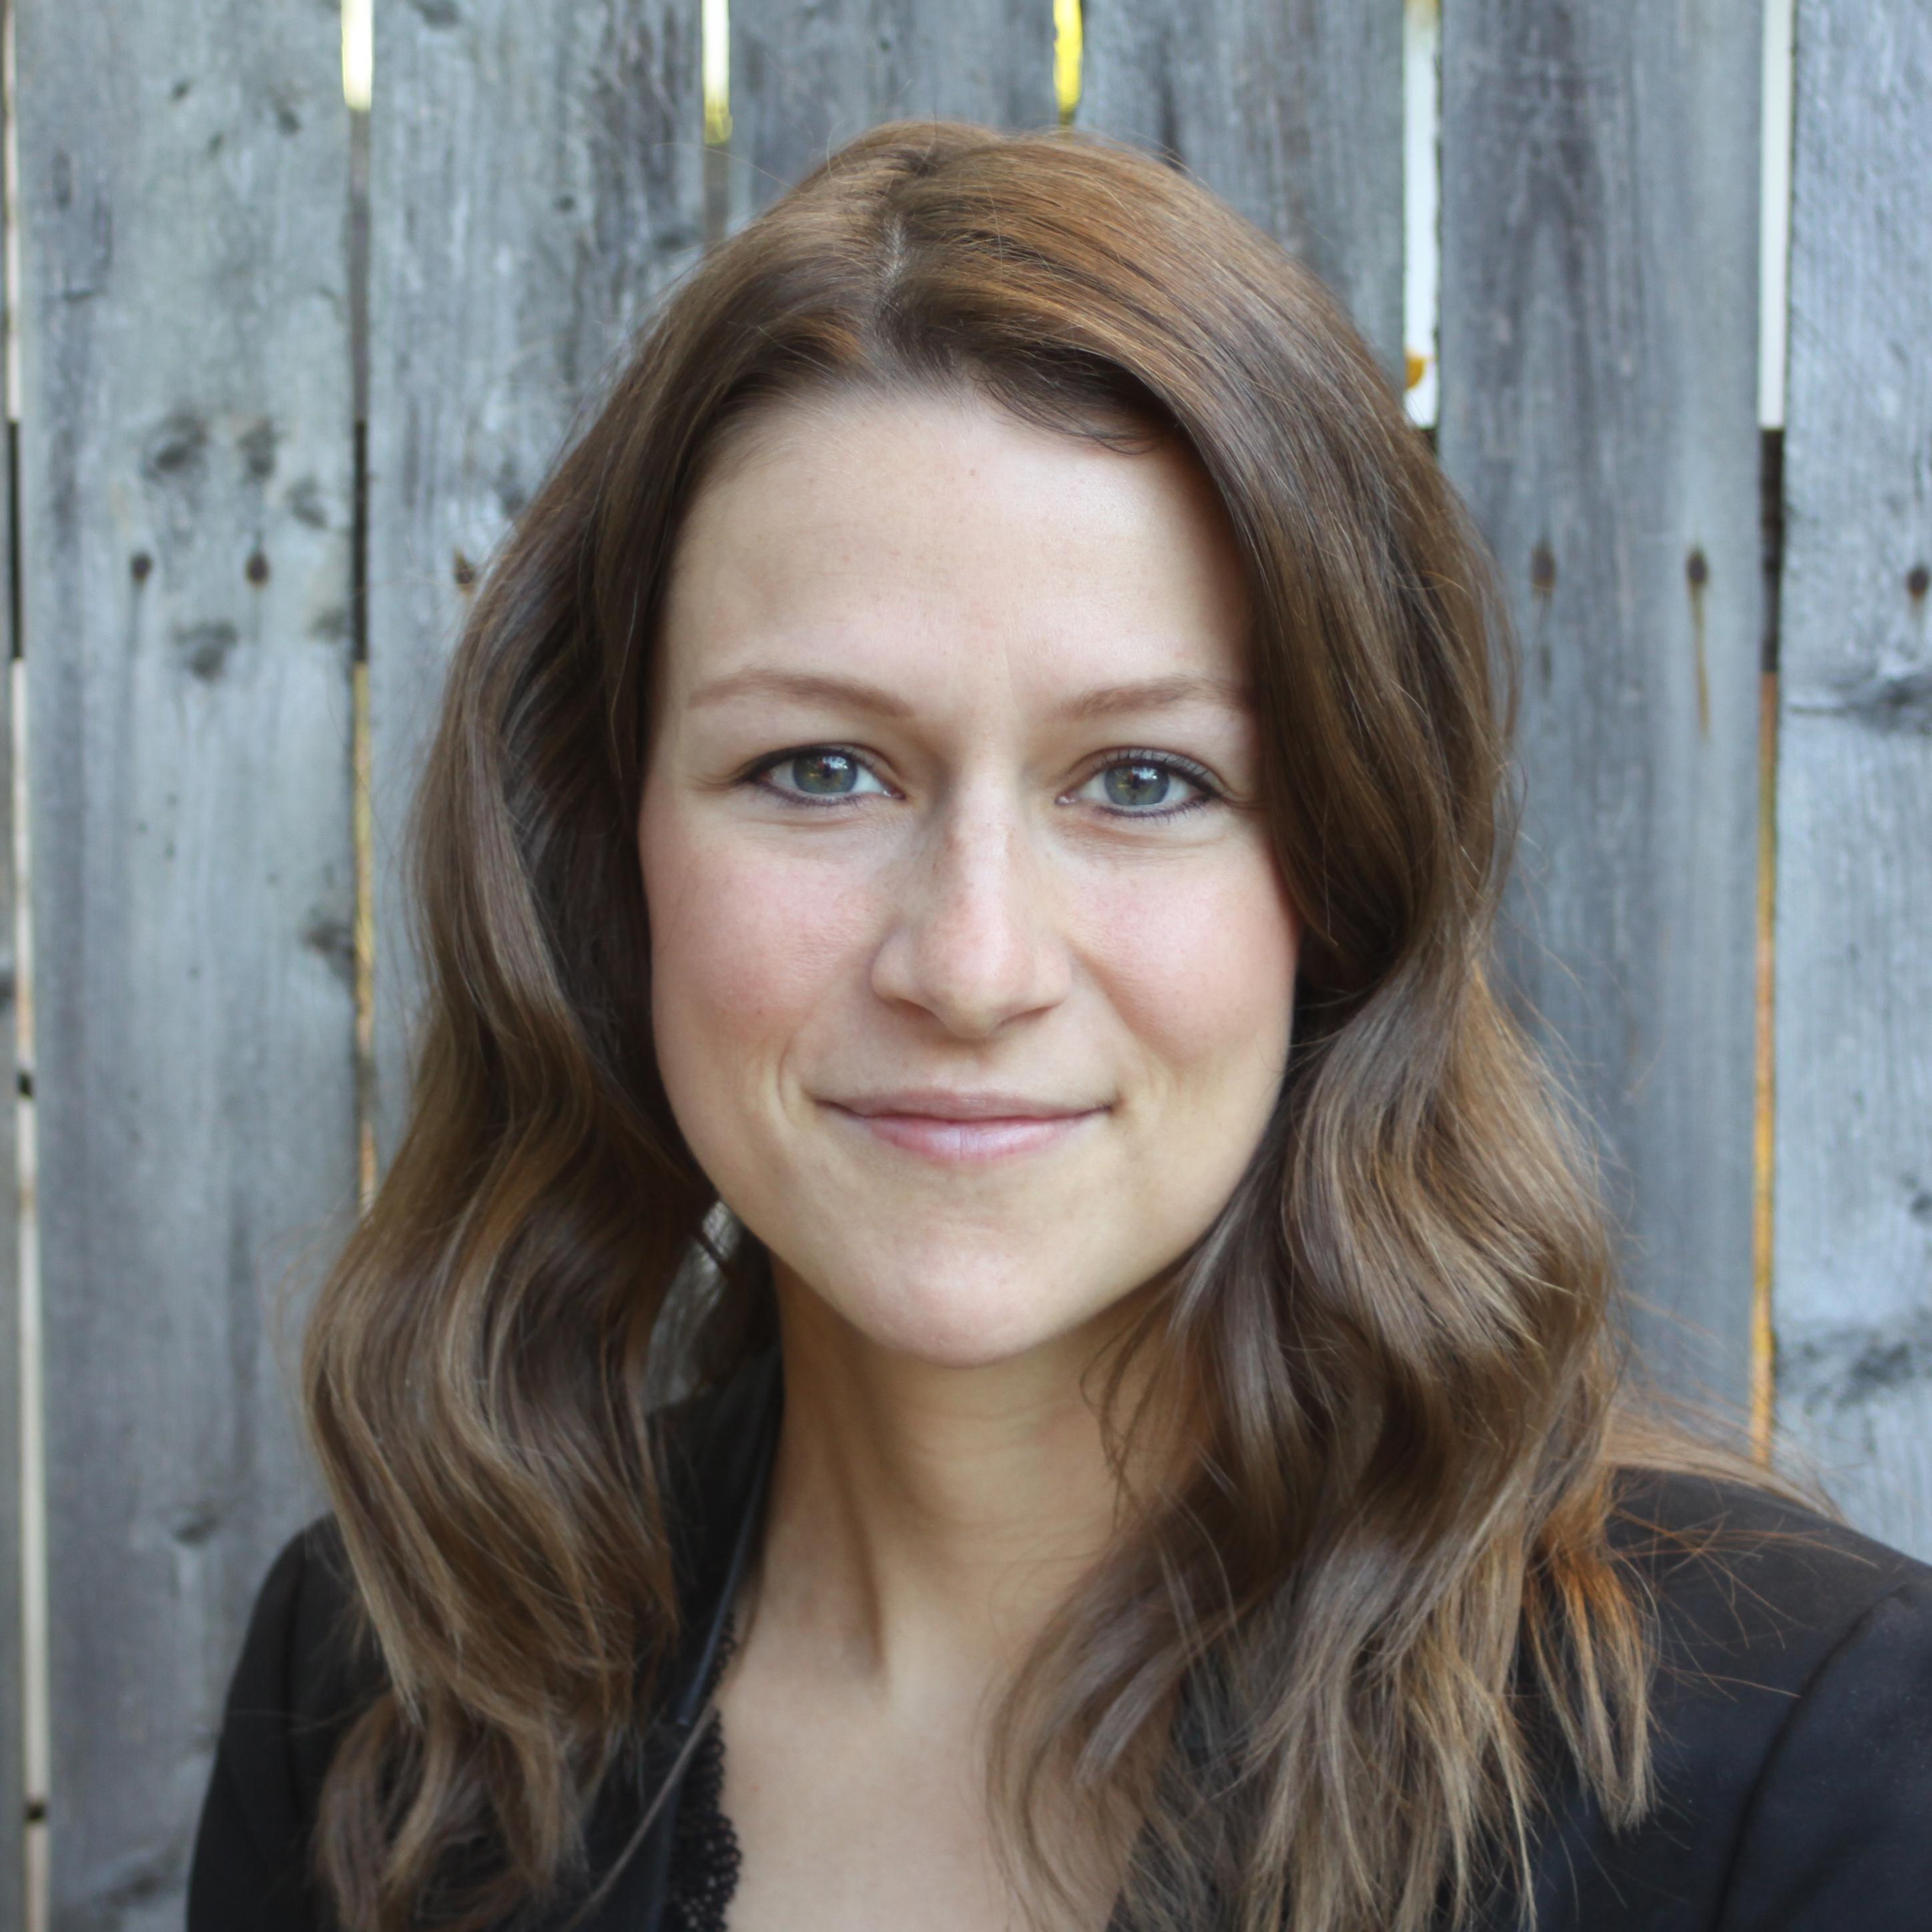 Paige Winfield